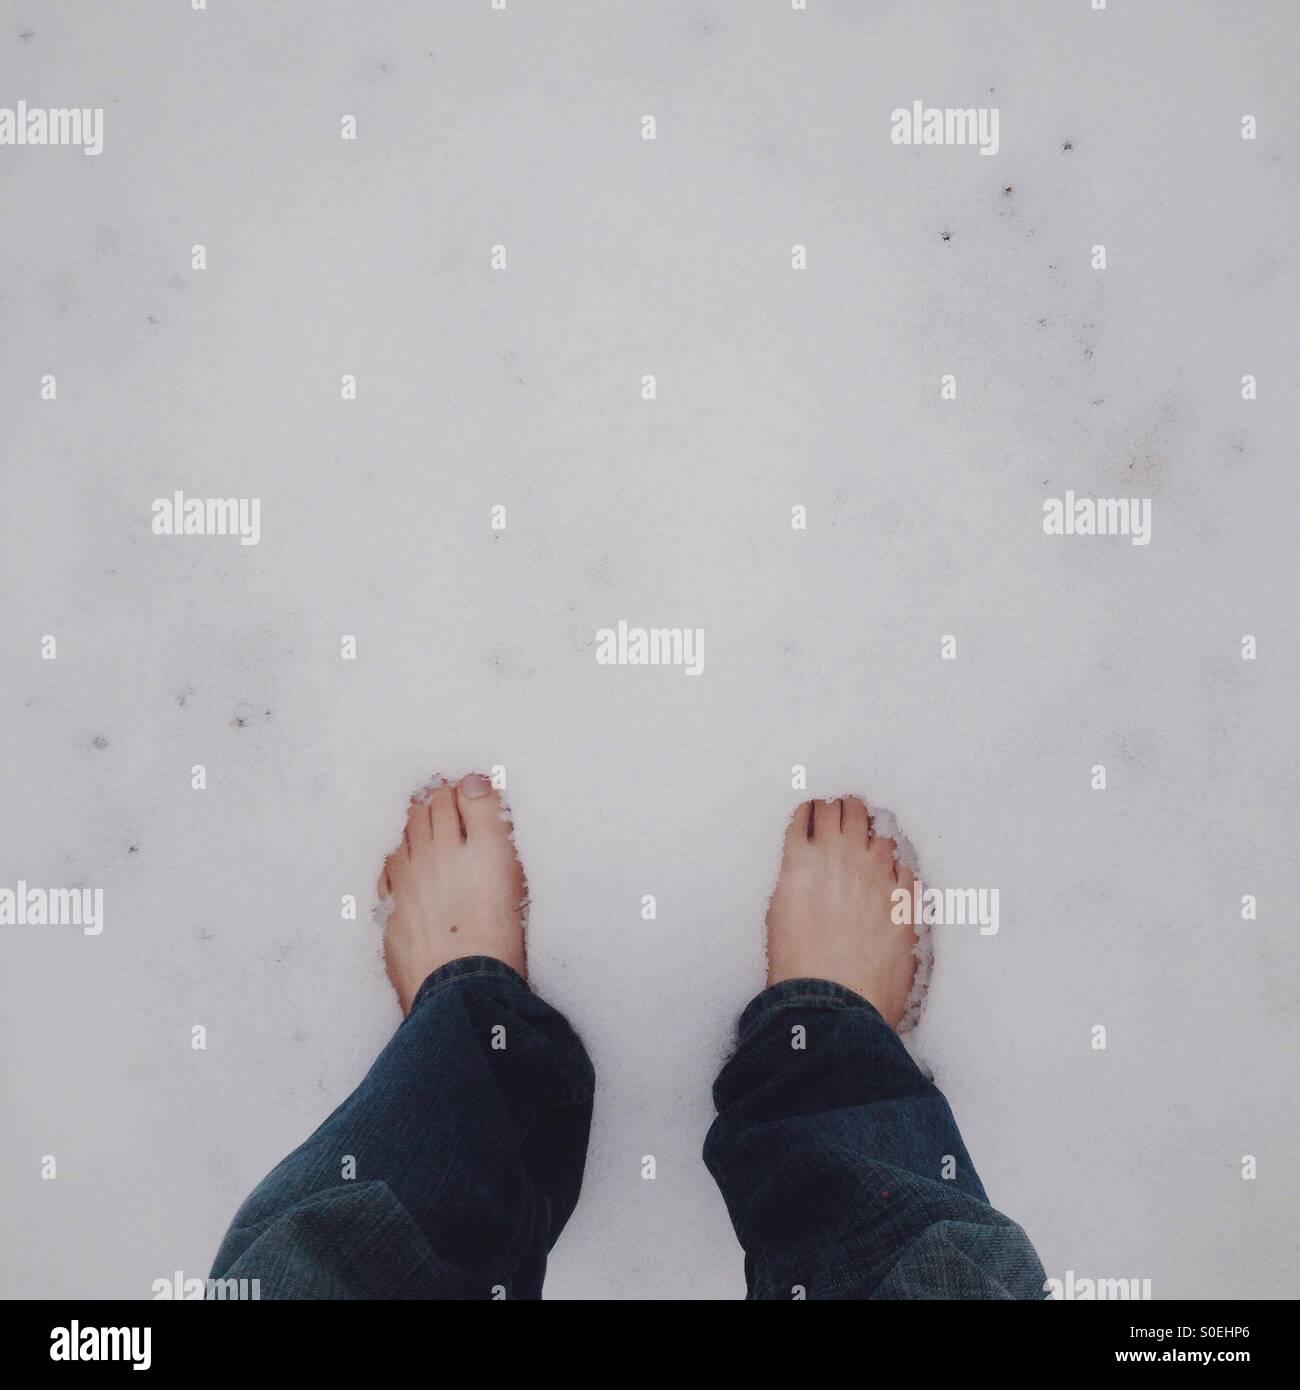 Los pies descalzos en la nieve Imagen De Stock